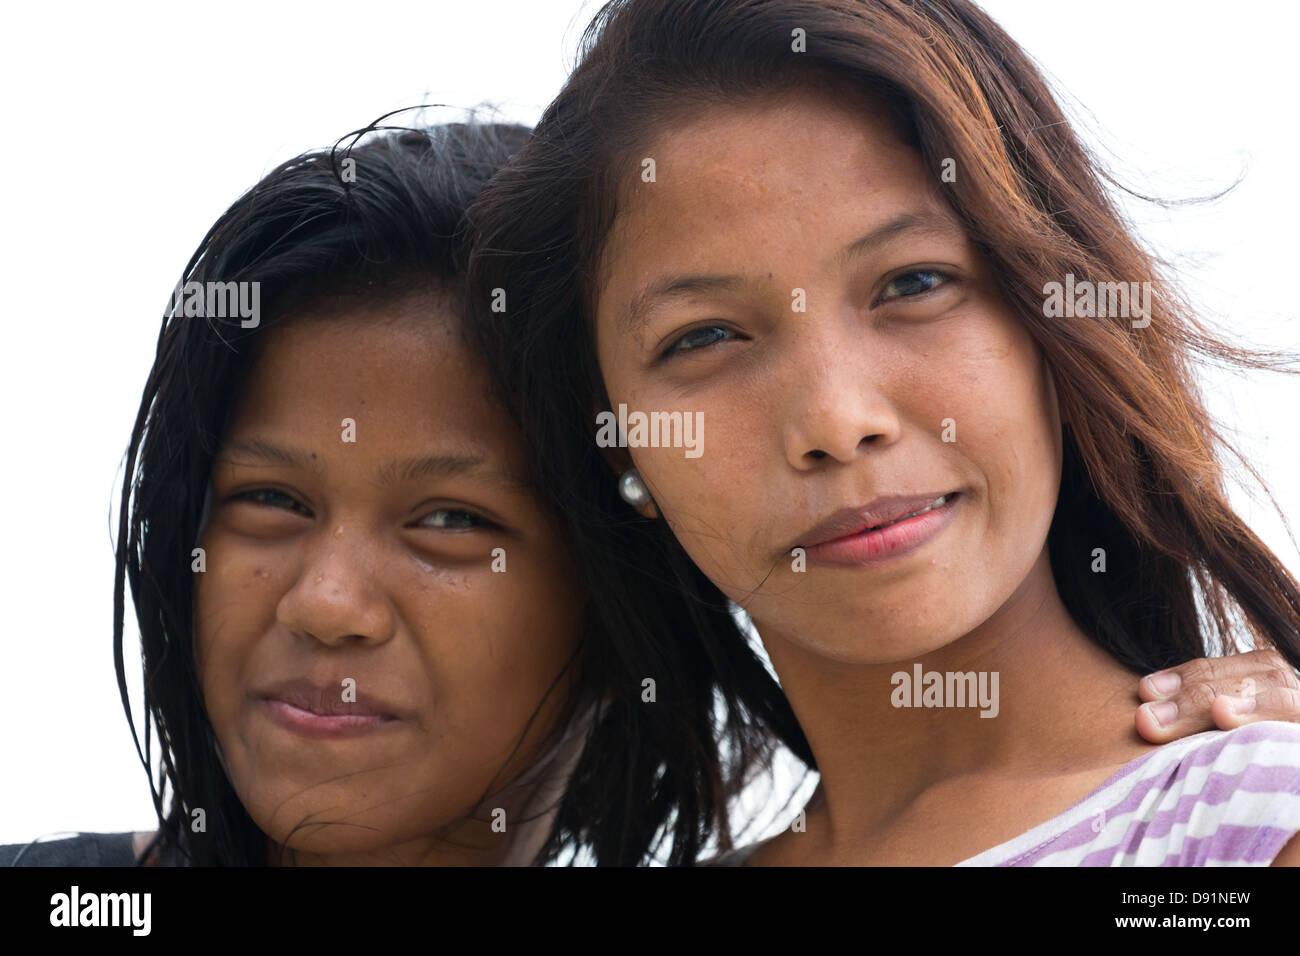 Young girls manila 9